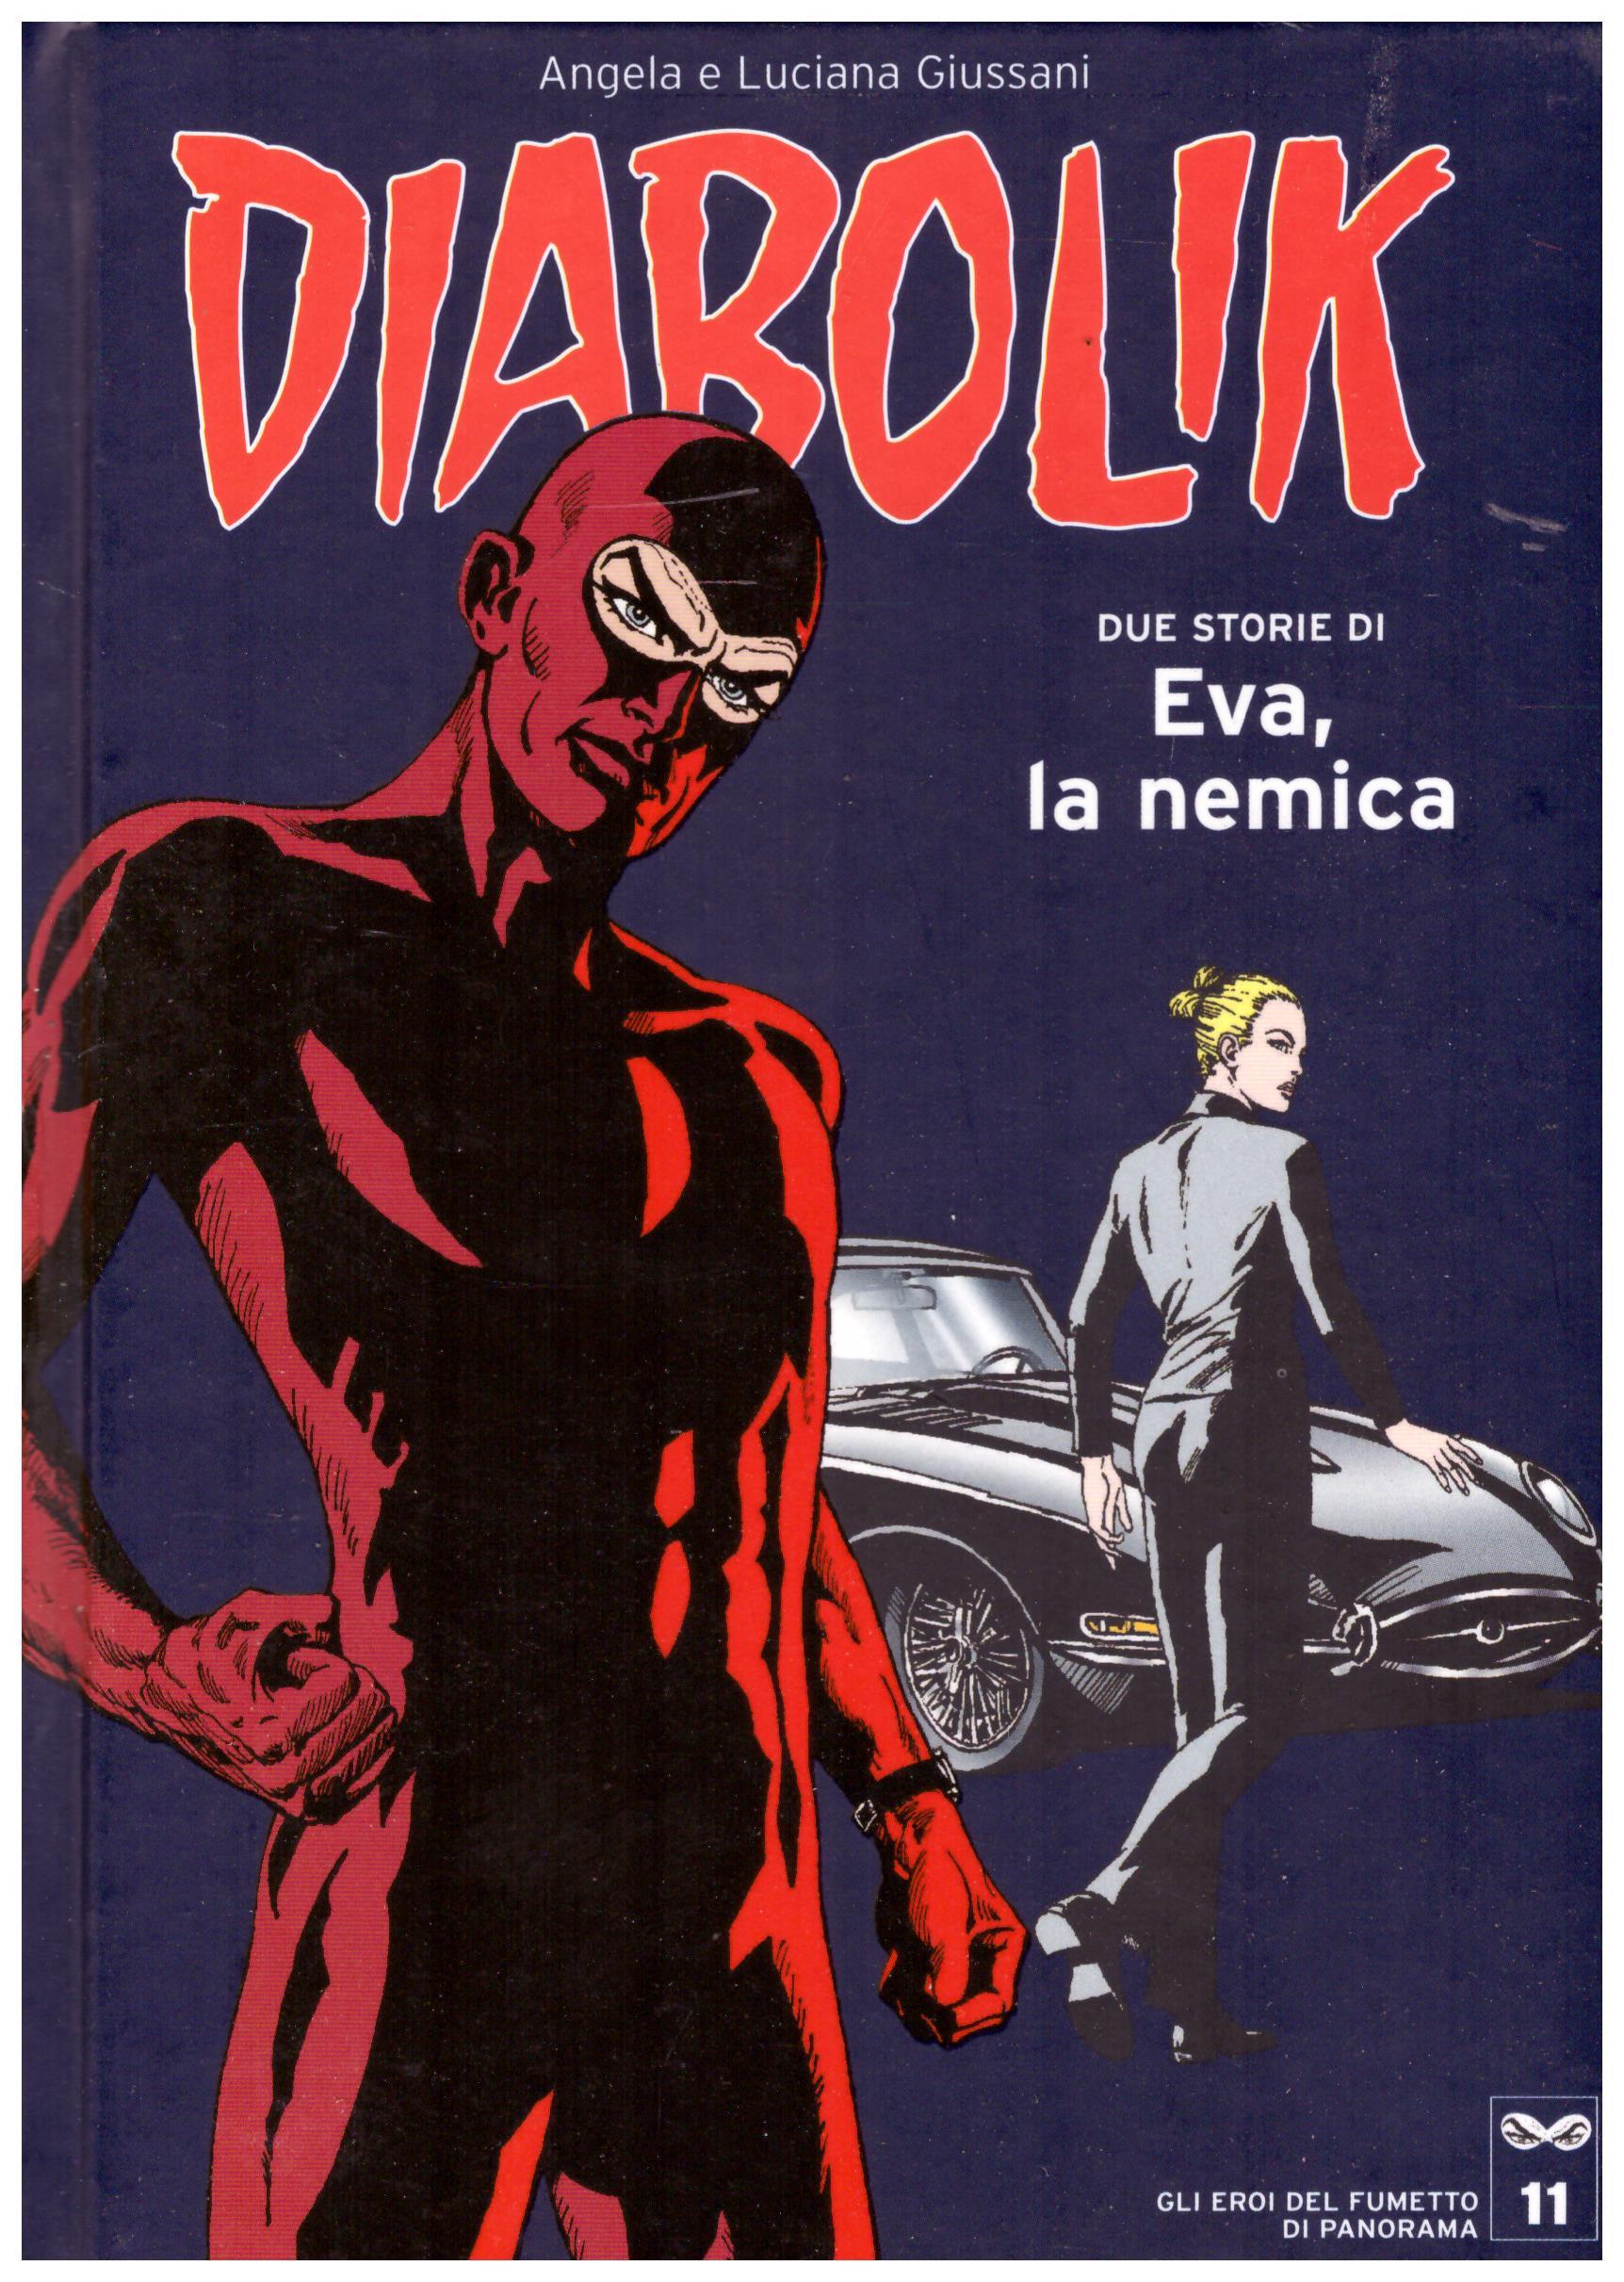 Titolo: Diabolik, gli eroi del fumetto di Panorama n.11  Autore: AA.VV.  Editore: Panorama, 2005